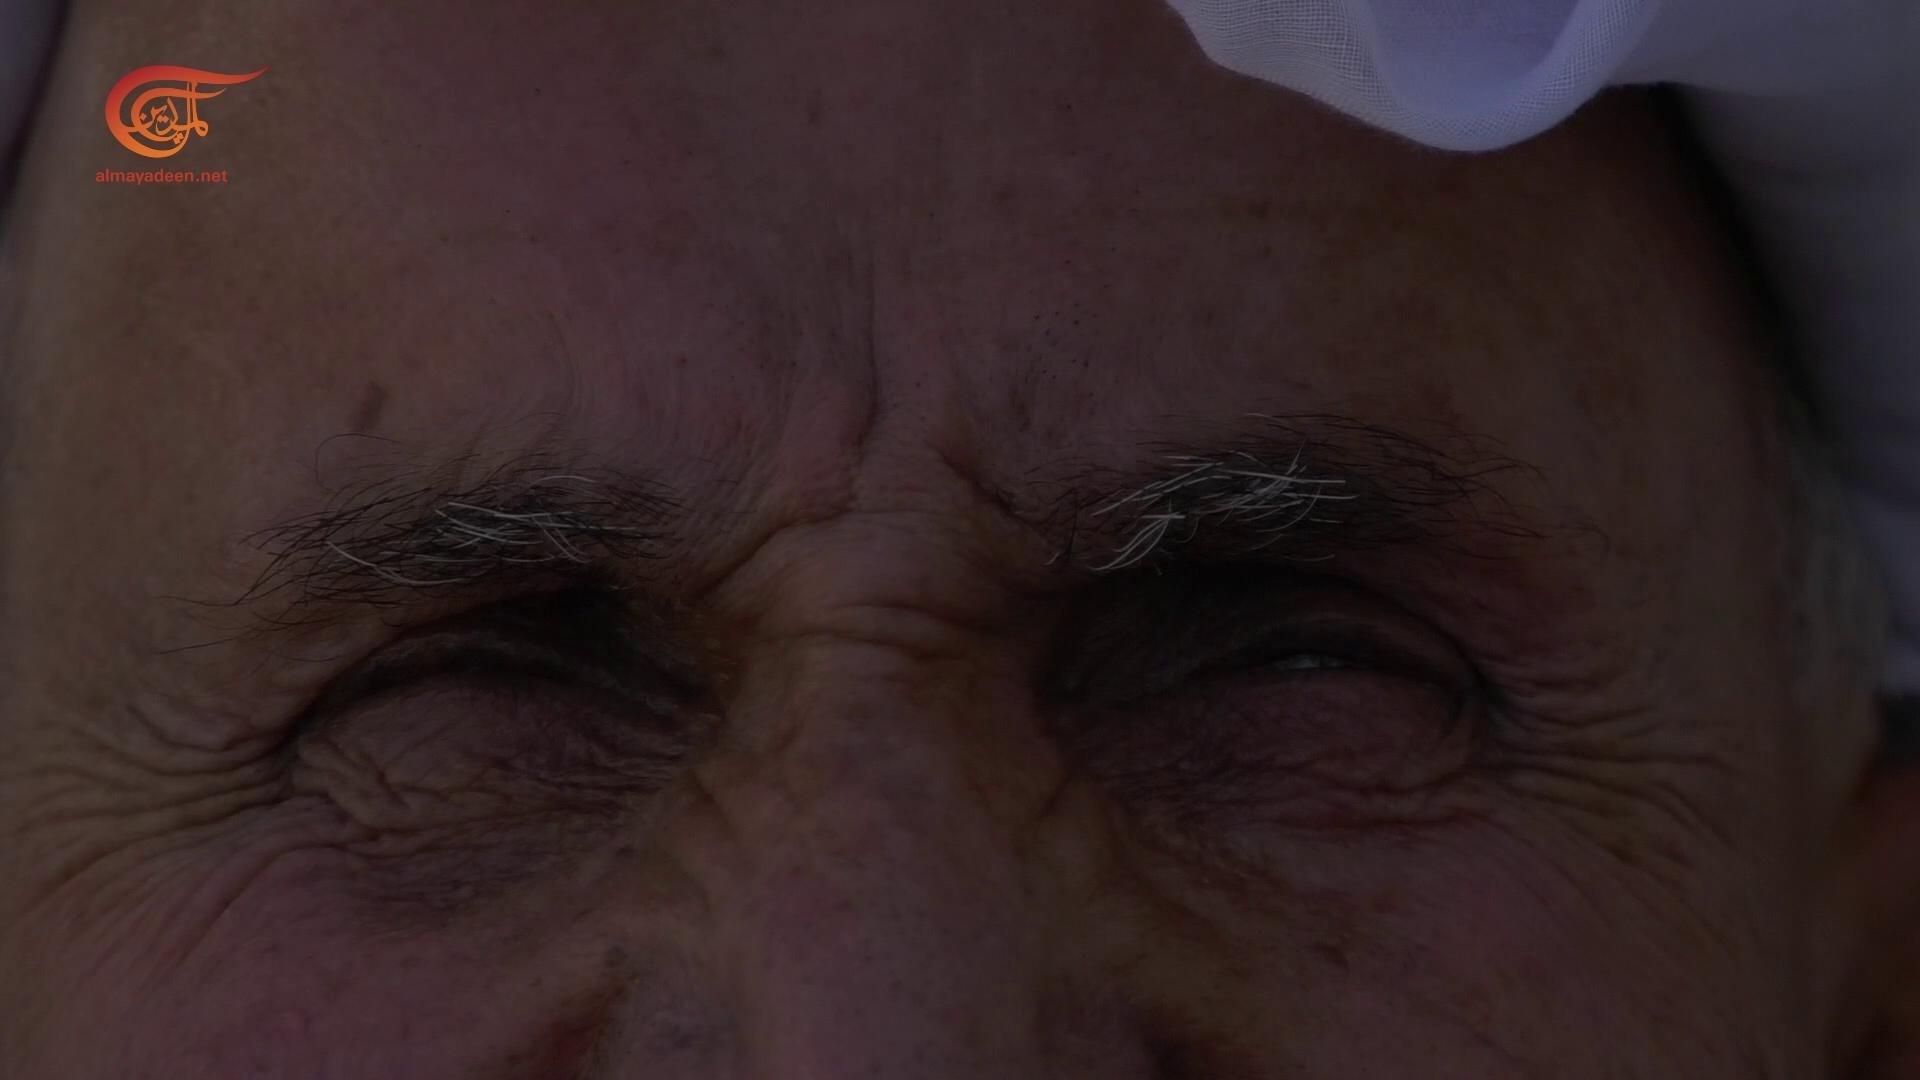 في يوم القدس العالمي: فقيد البصر، يرى القدس ببصيرته